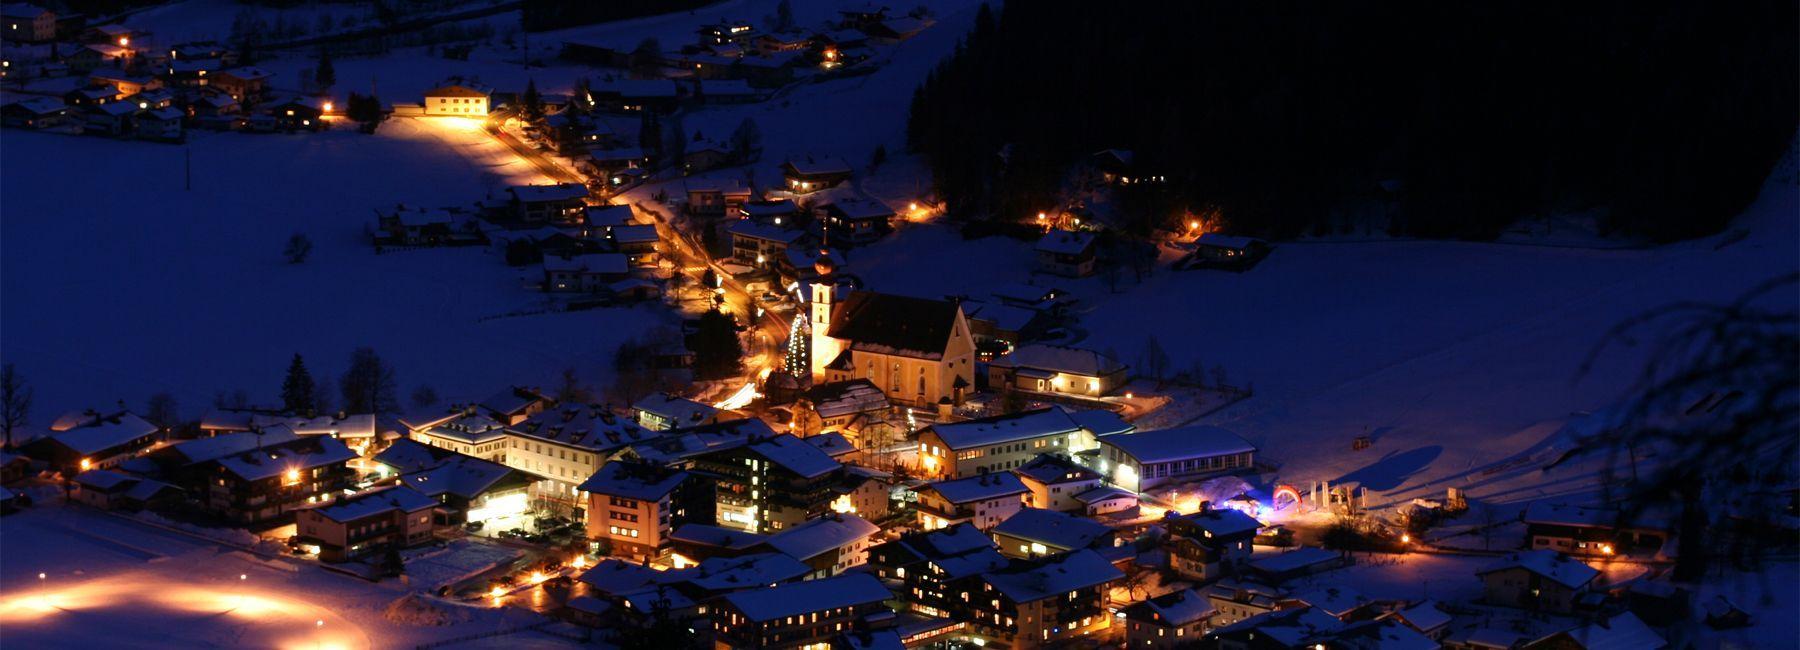 Weihnachtszeit in Waidring